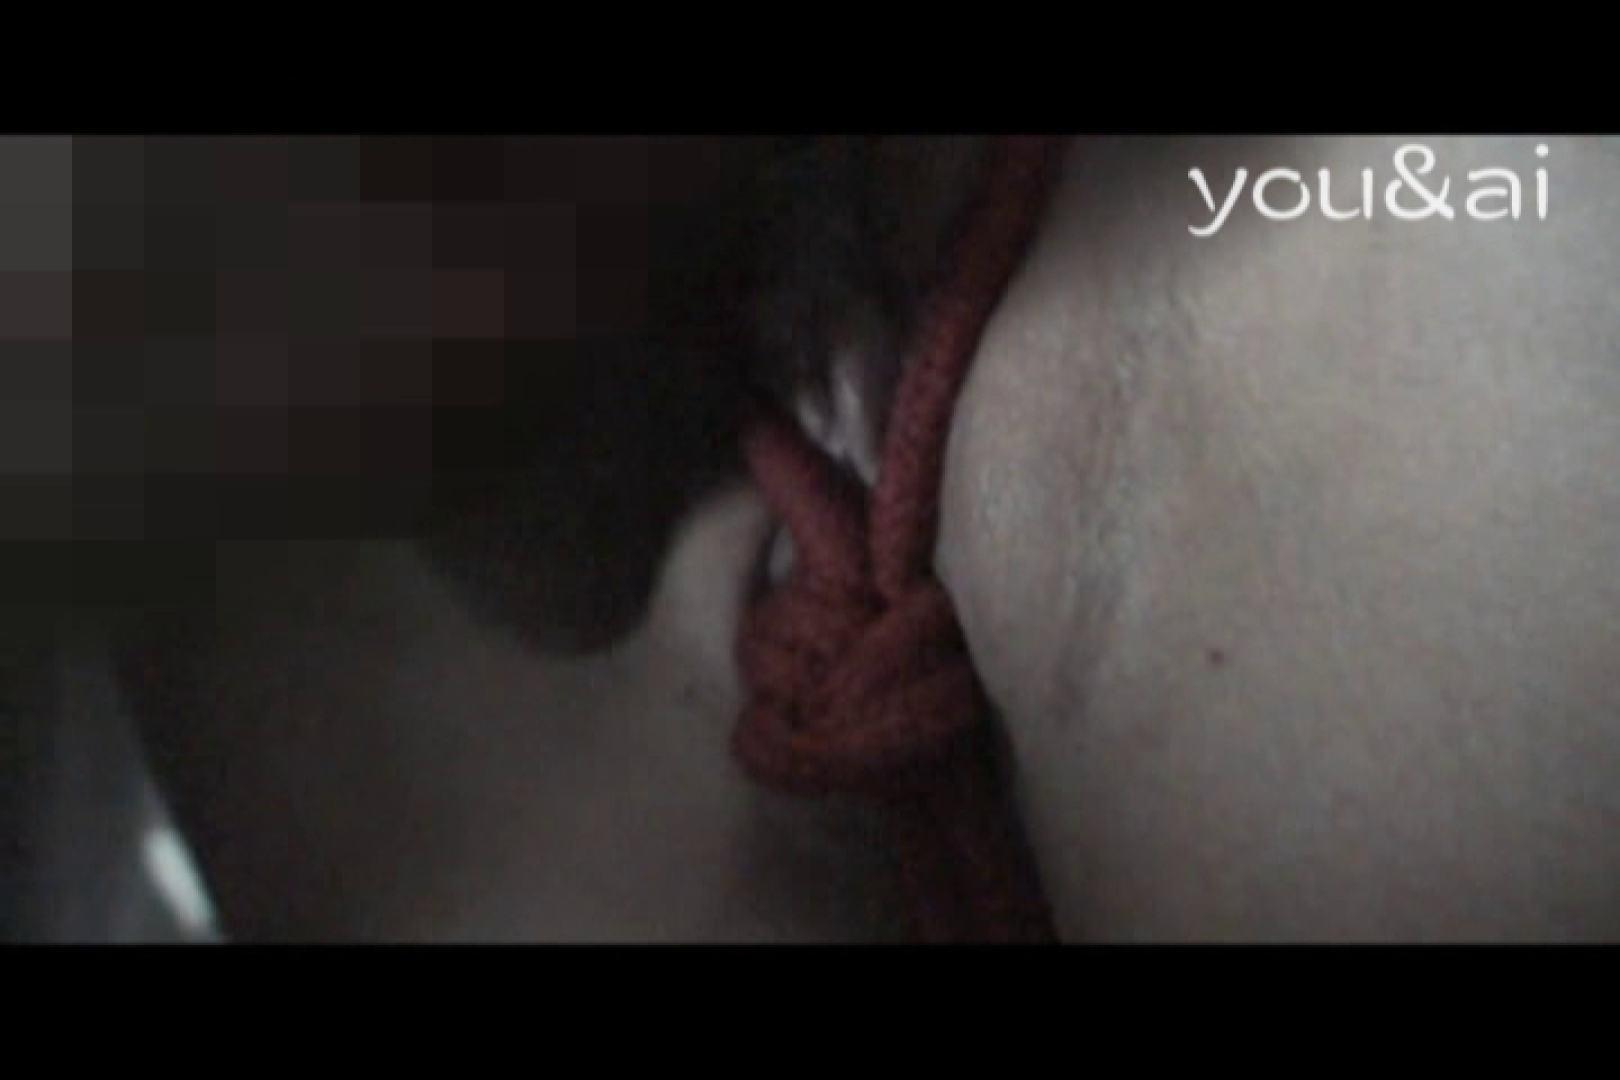 おしどり夫婦のyou&aiさん投稿作品vol.4 緊縛 | 一般投稿  107画像 21